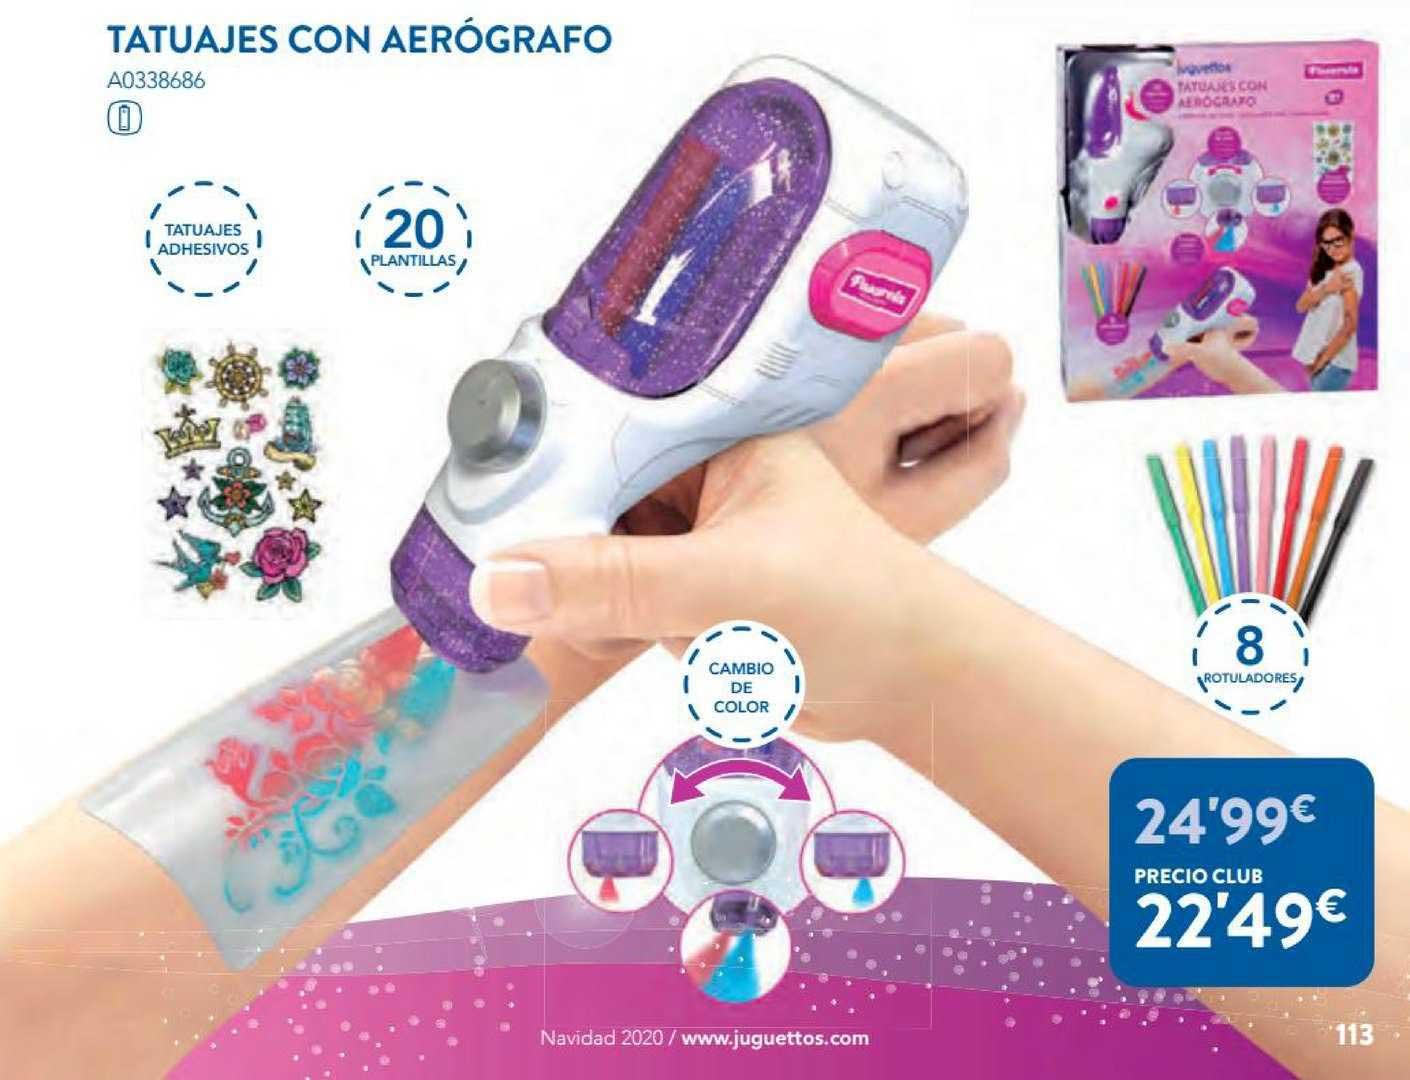 Juguettos Tatuajes Con Aerógrafo